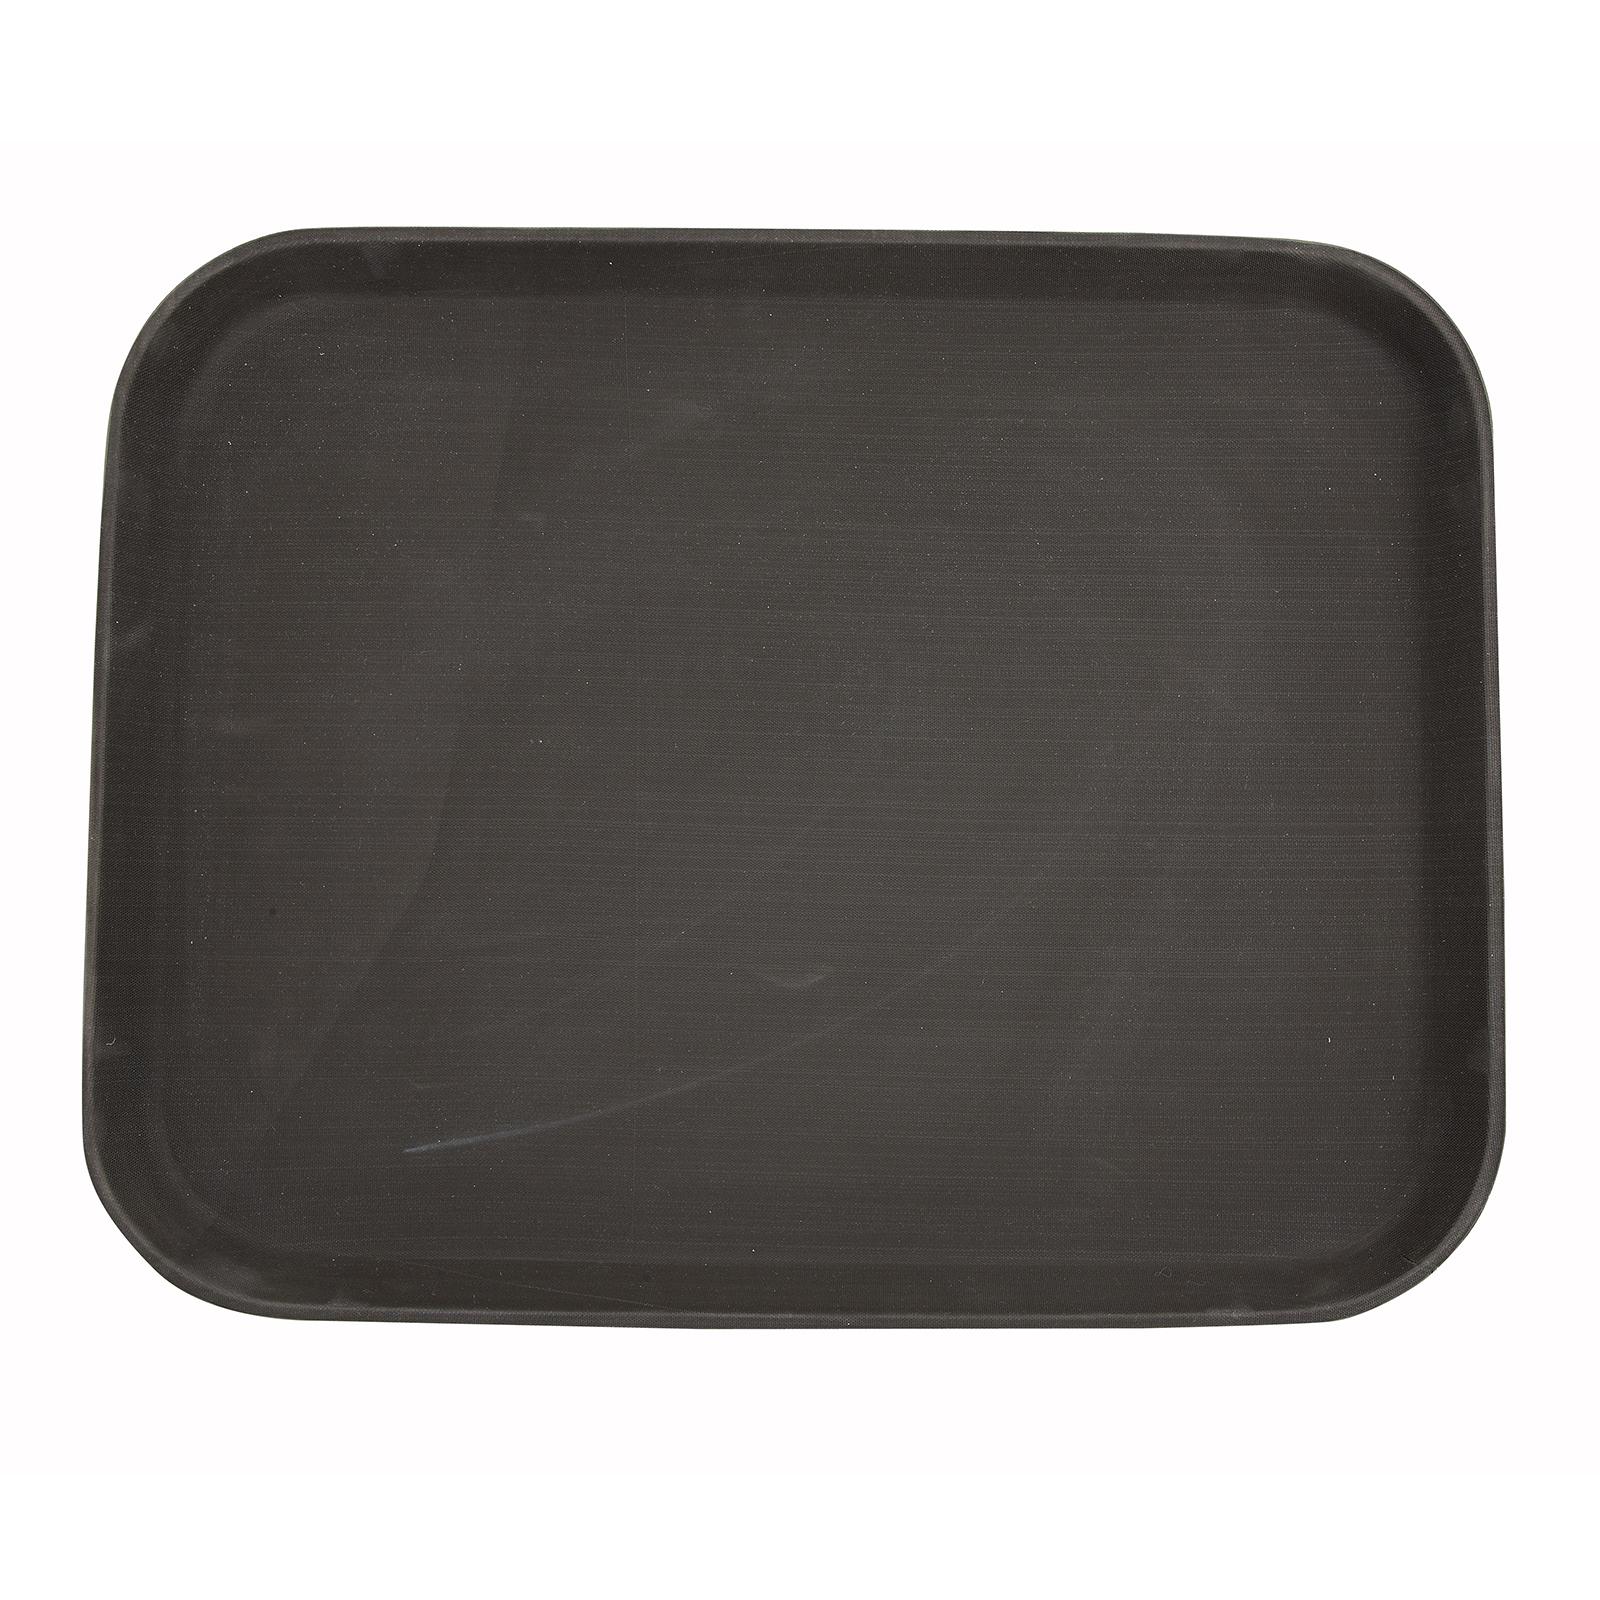 Winco TRH-1418 serving tray, non-skid